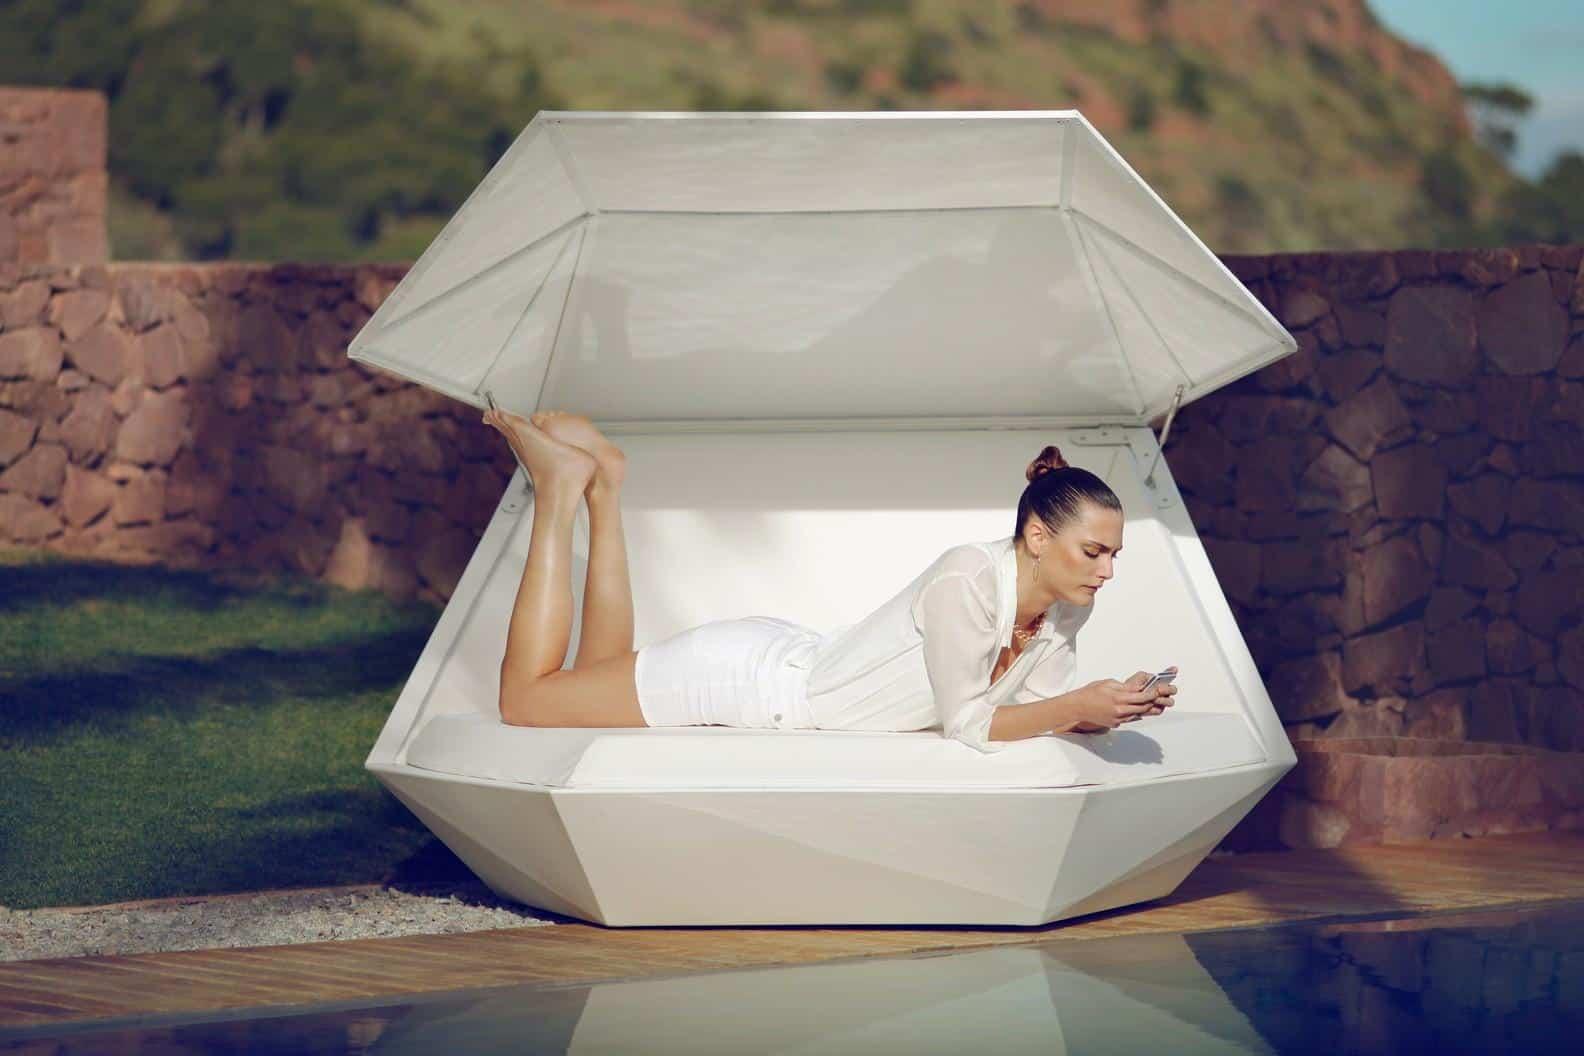 Vondom Faz Illuminated Daybed Cool Garden Furniture to Buy